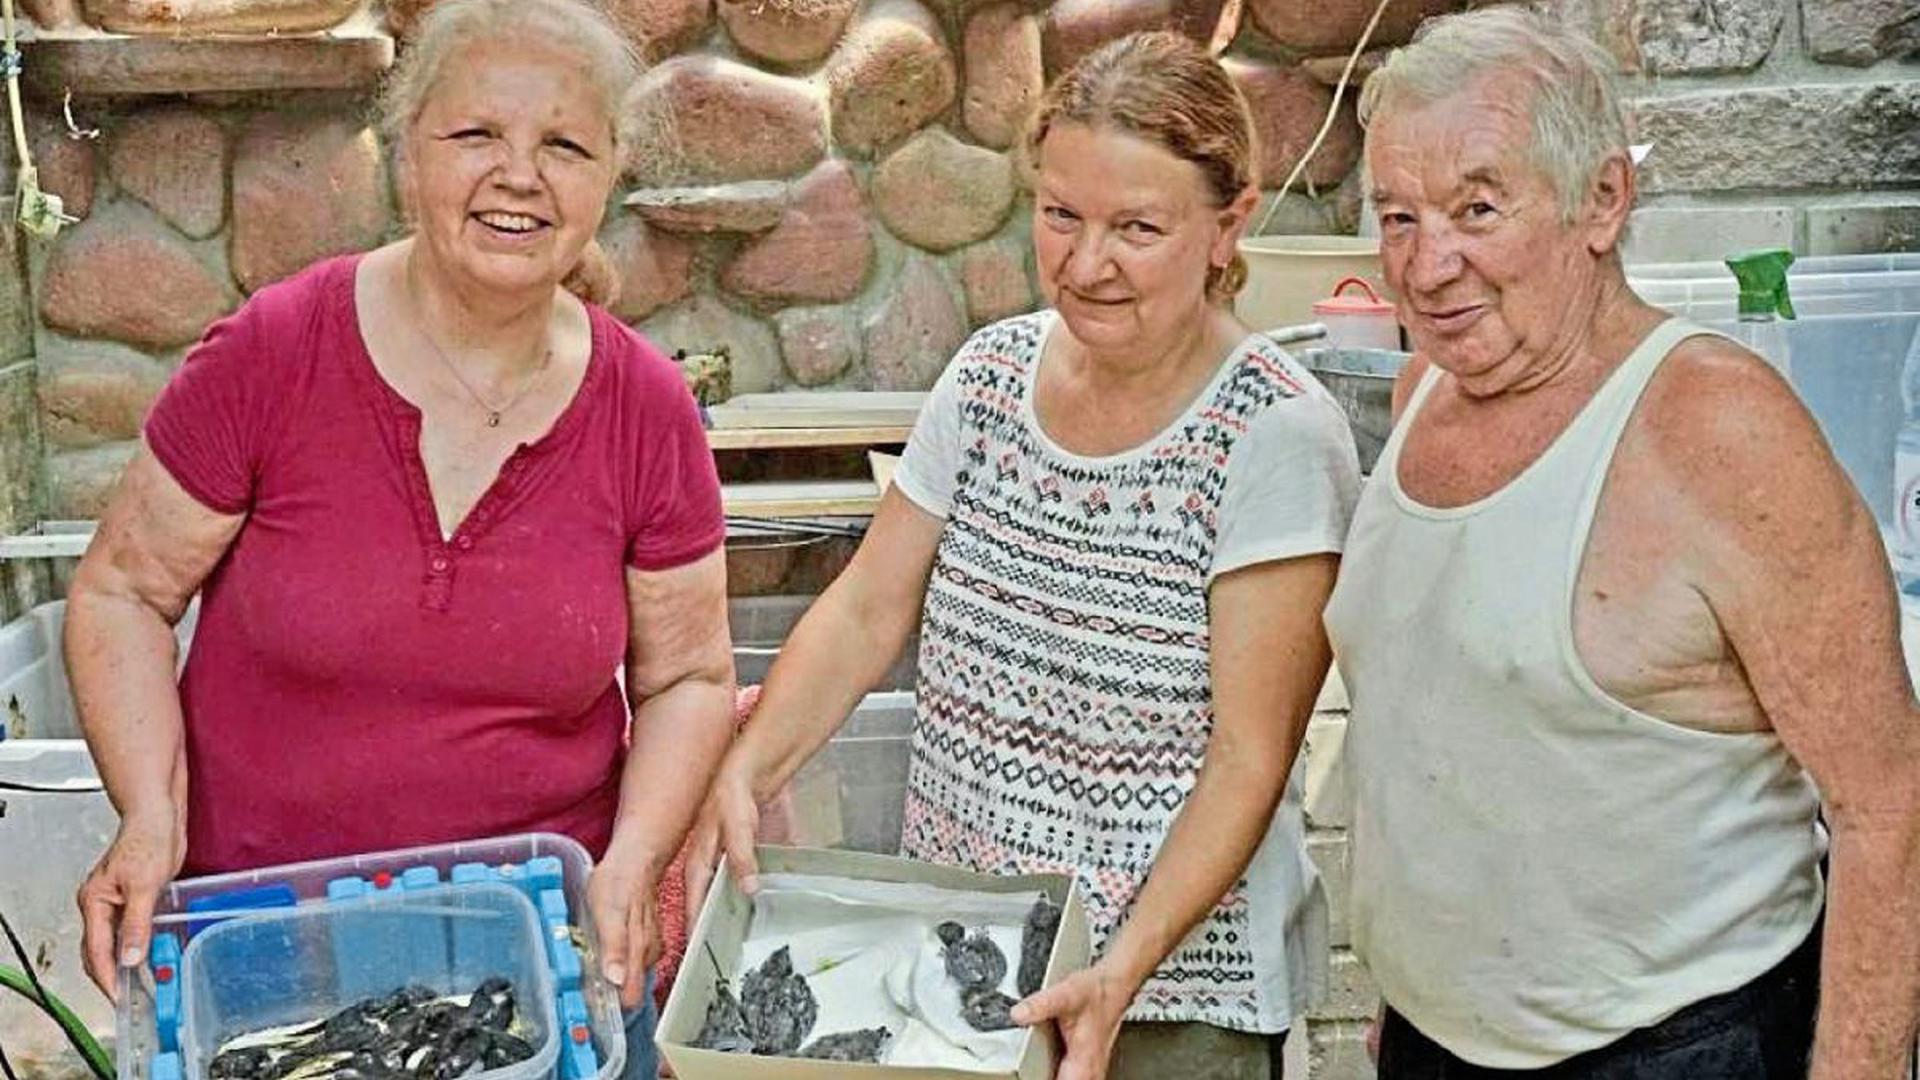 Helfende Hände: Verena (links) und Pierre Fingermann helfen gemeinsam mit Sibylle Wiebusch Tieren, die von Bürgern zu ihm gebracht werden.